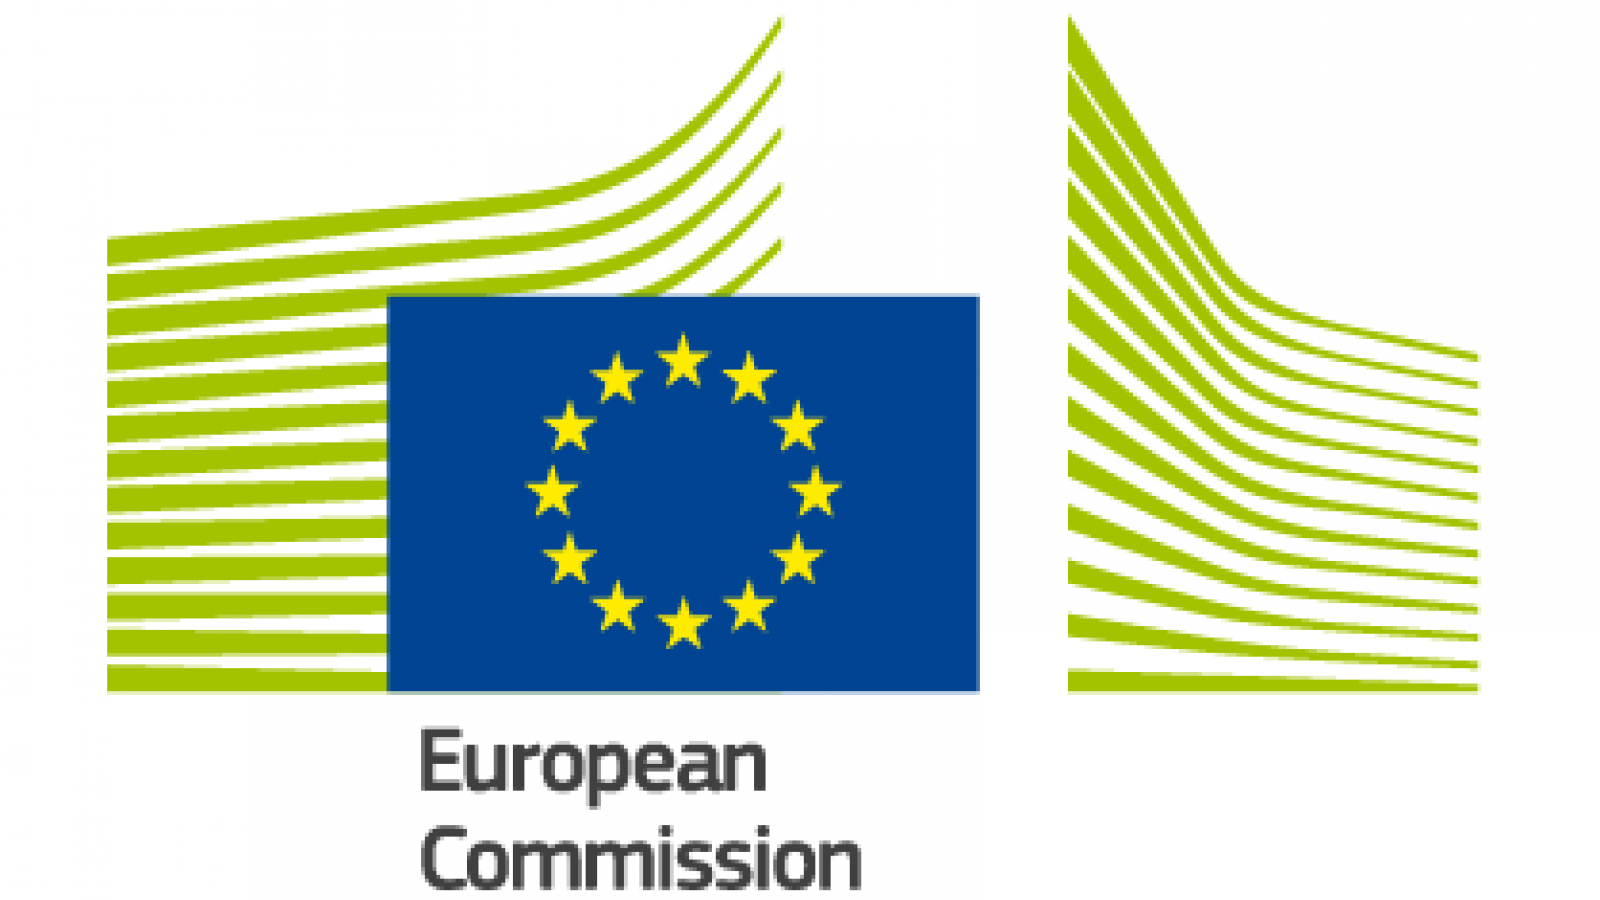 Bugetul UE pentru redresare: relansarea economiei UE prin stimularea investițiilor private